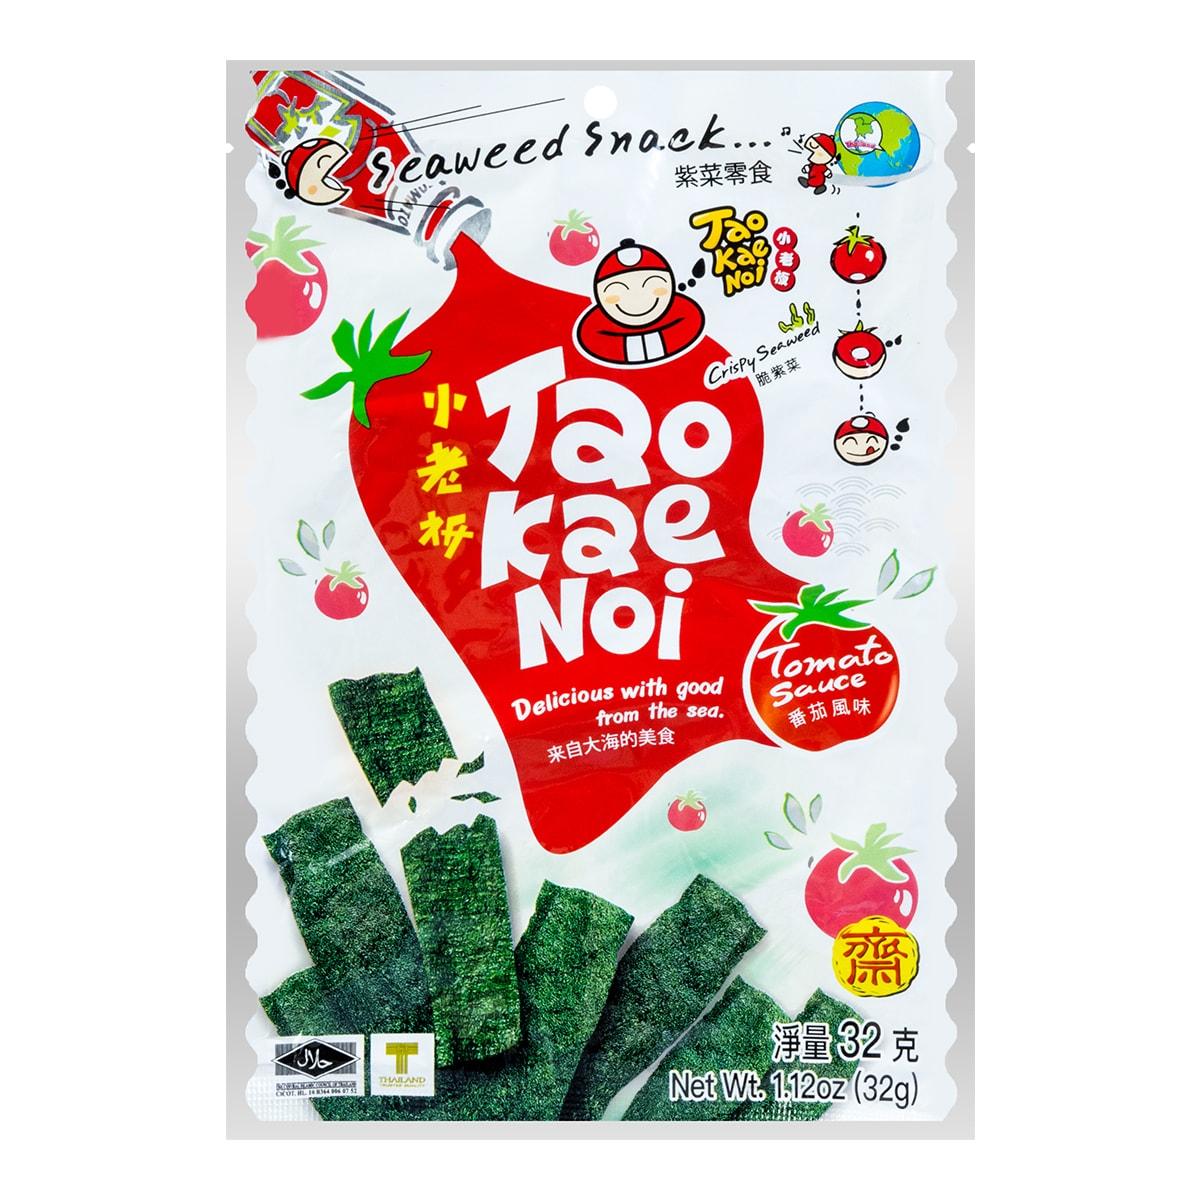 泰国小老板 厚片脆海苔 番茄味 32g 怎么样 - 亚米网